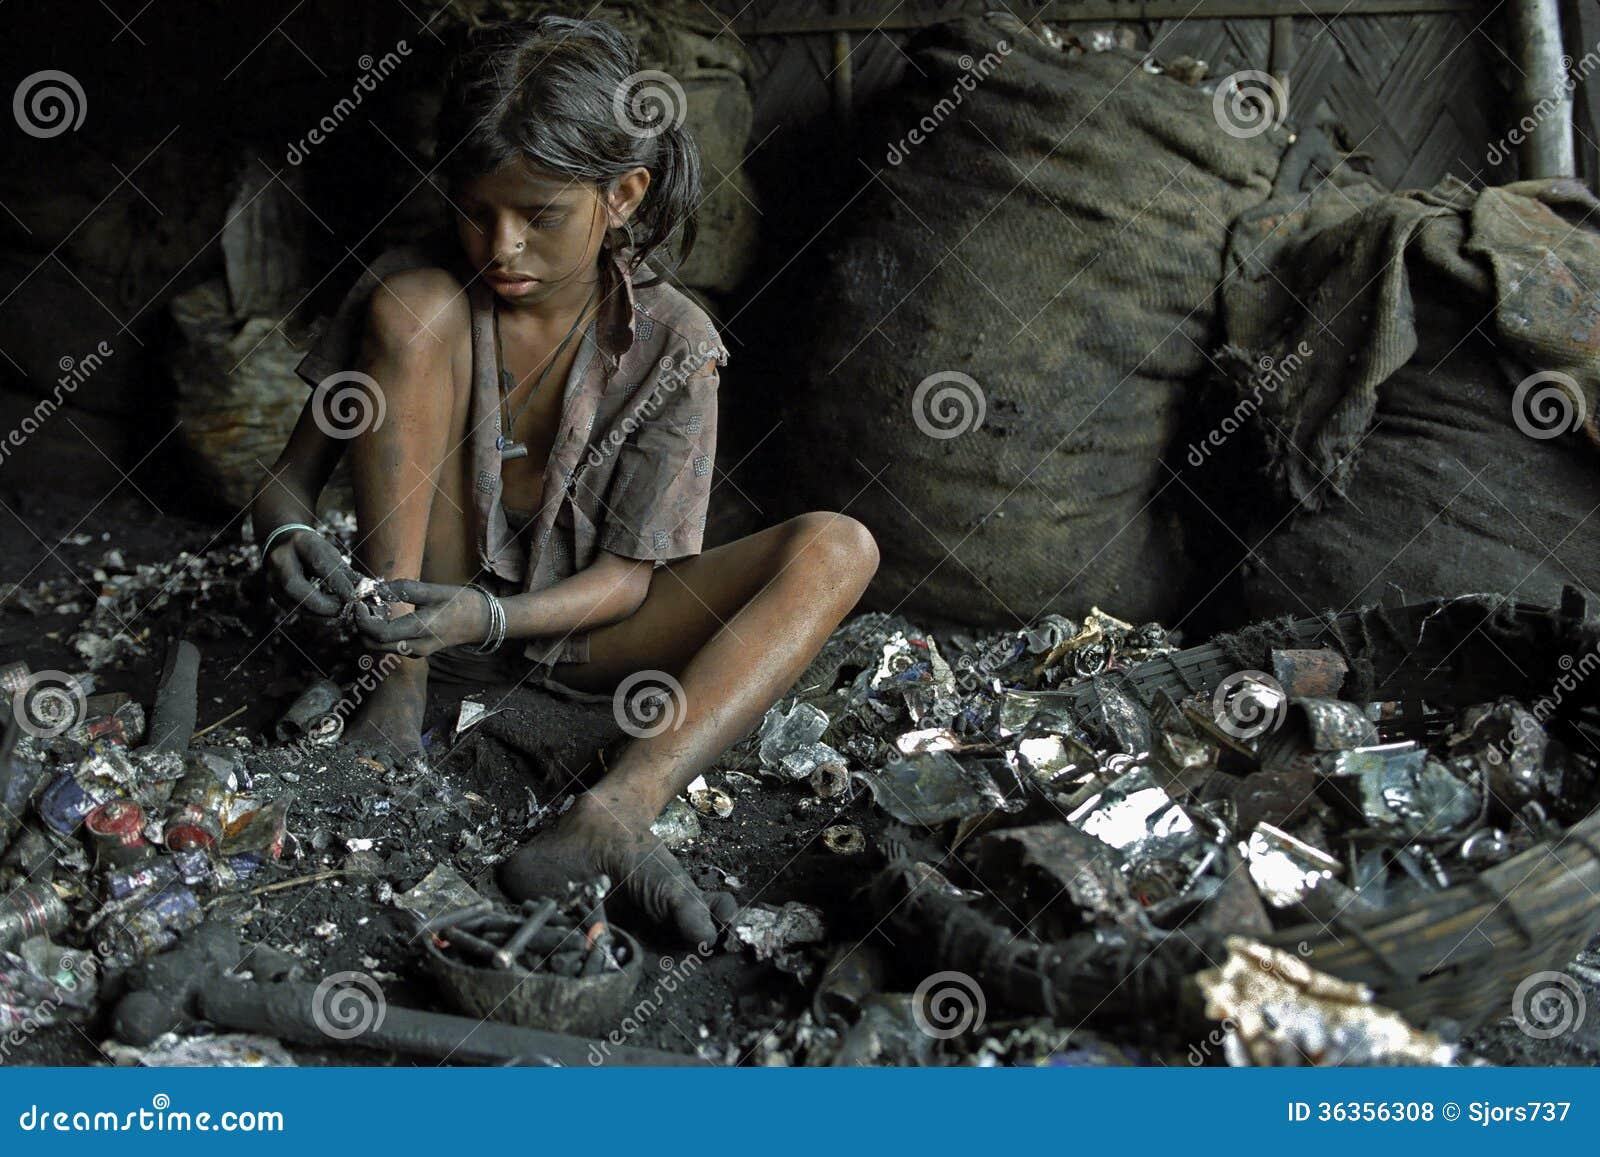 在回收电池,孟加拉国的童工